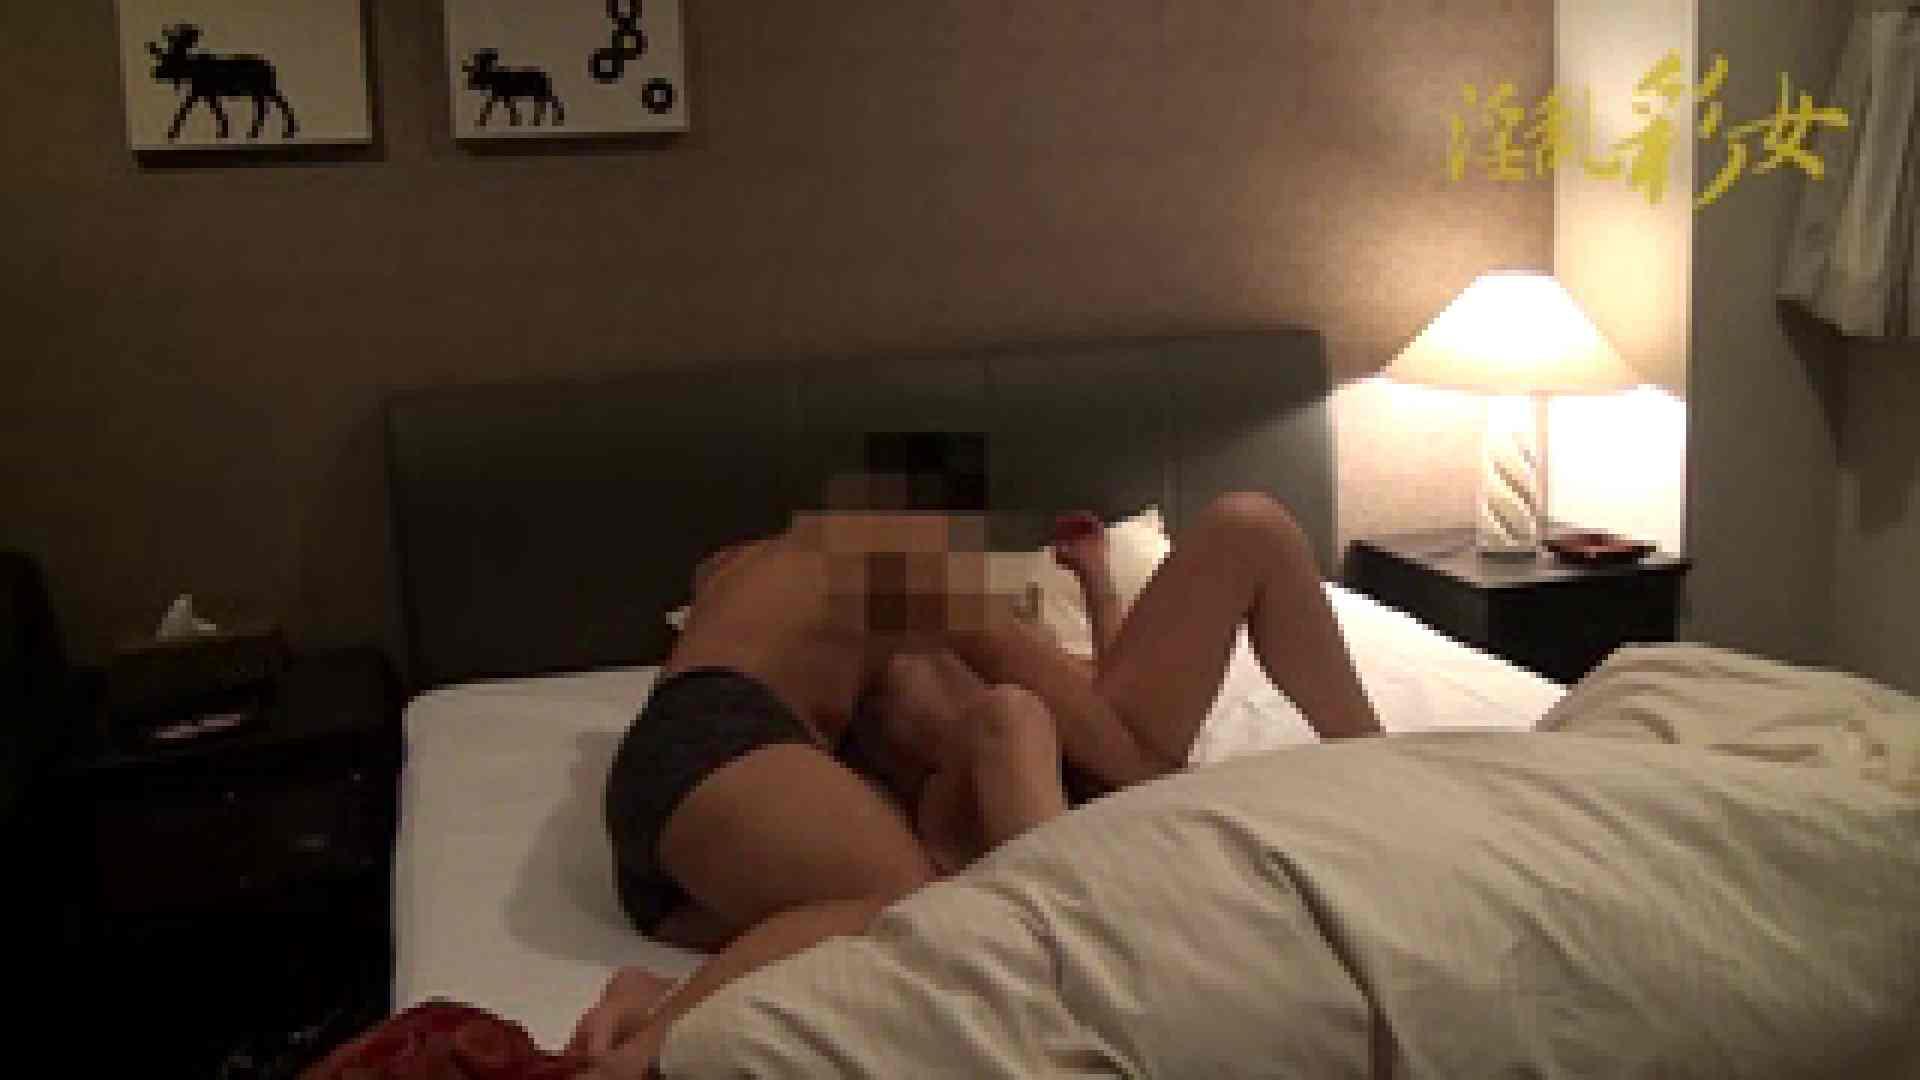 淫乱彩女麻優里 30歳デカマラ単独君 ハイビジョン ホテル潜入   SEX  103pic 56